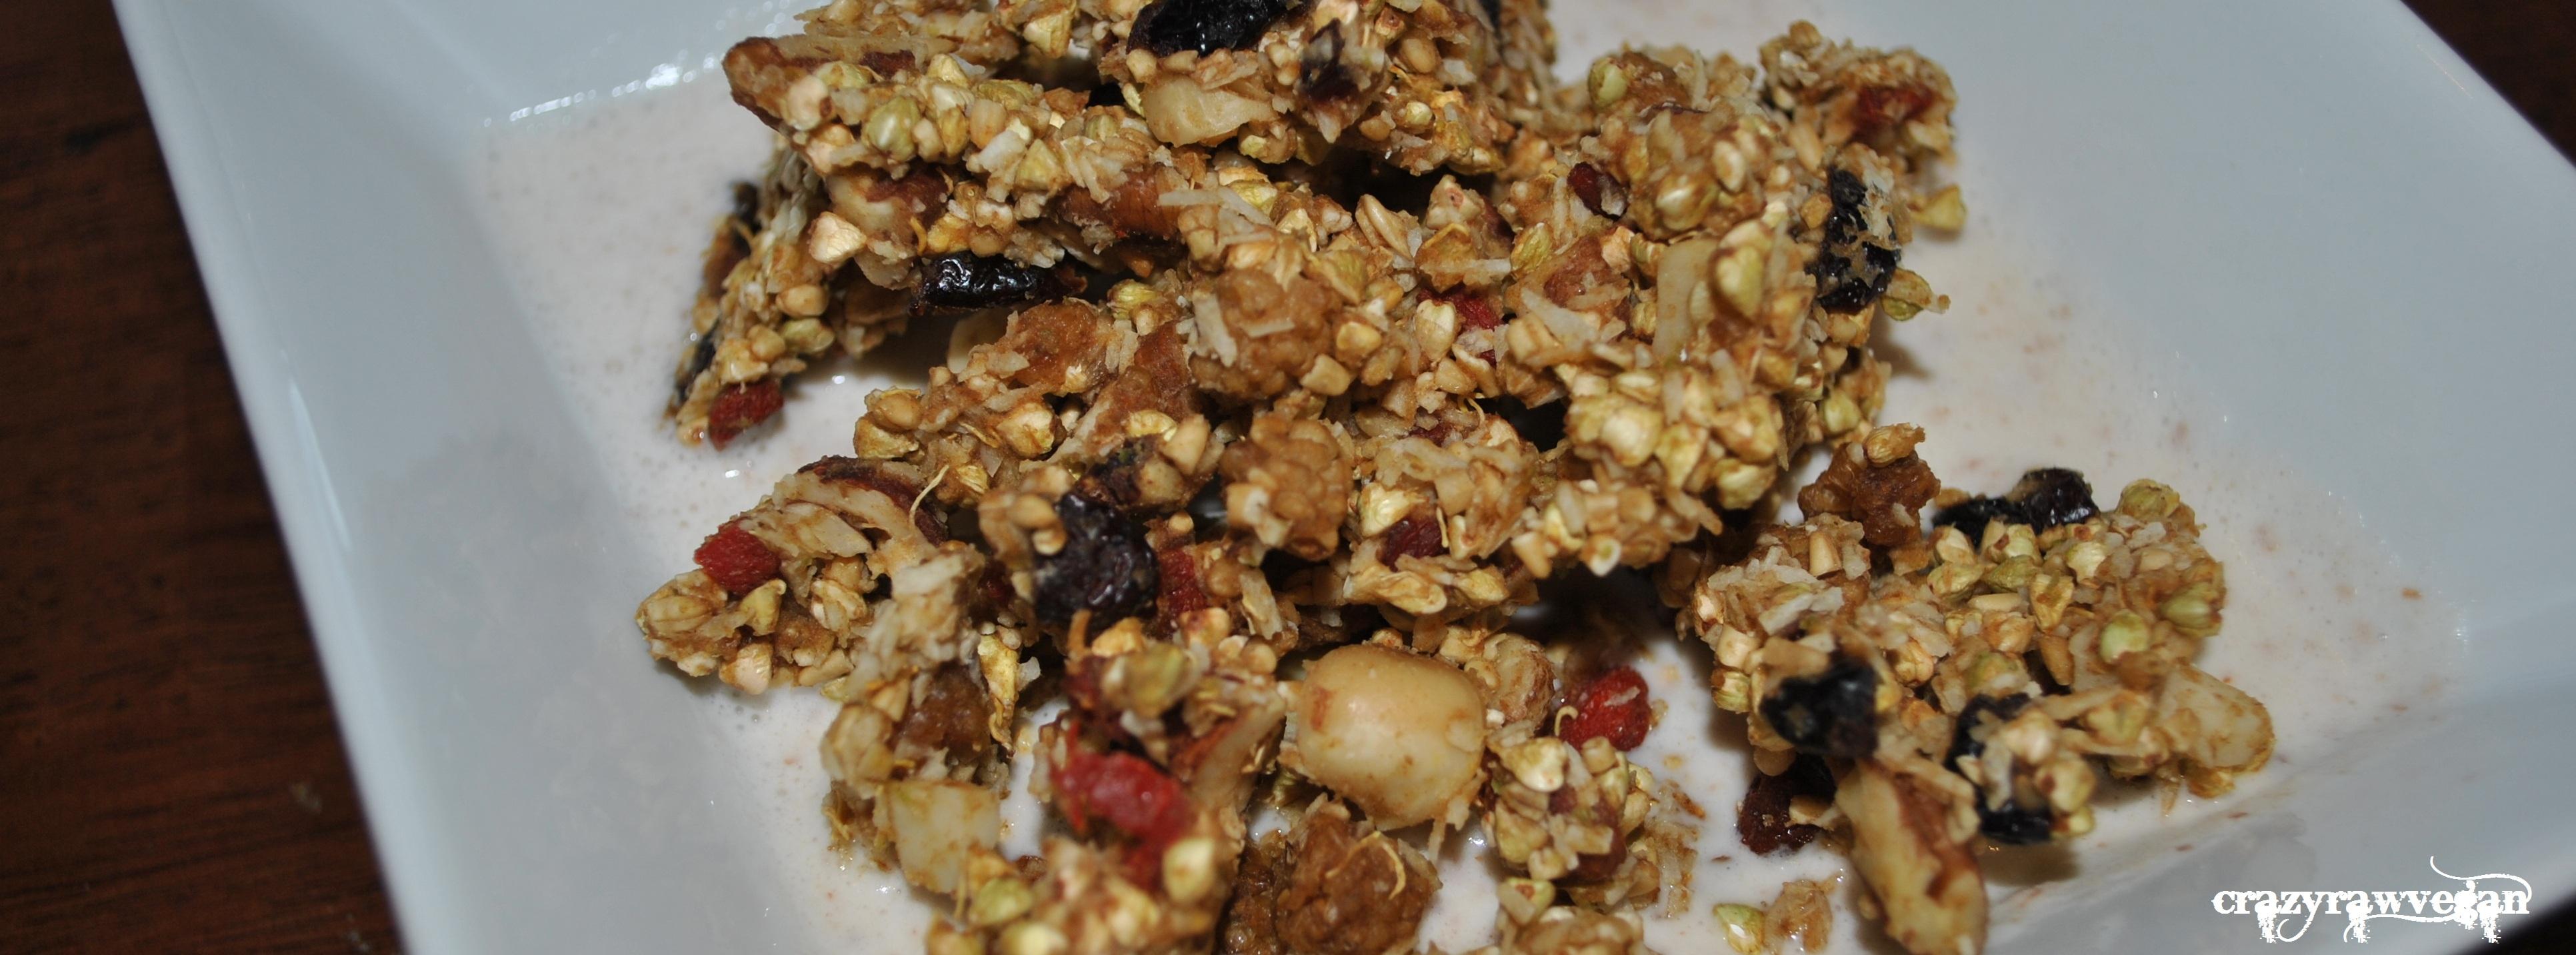 super-food crunchy-nut gra(w)nola